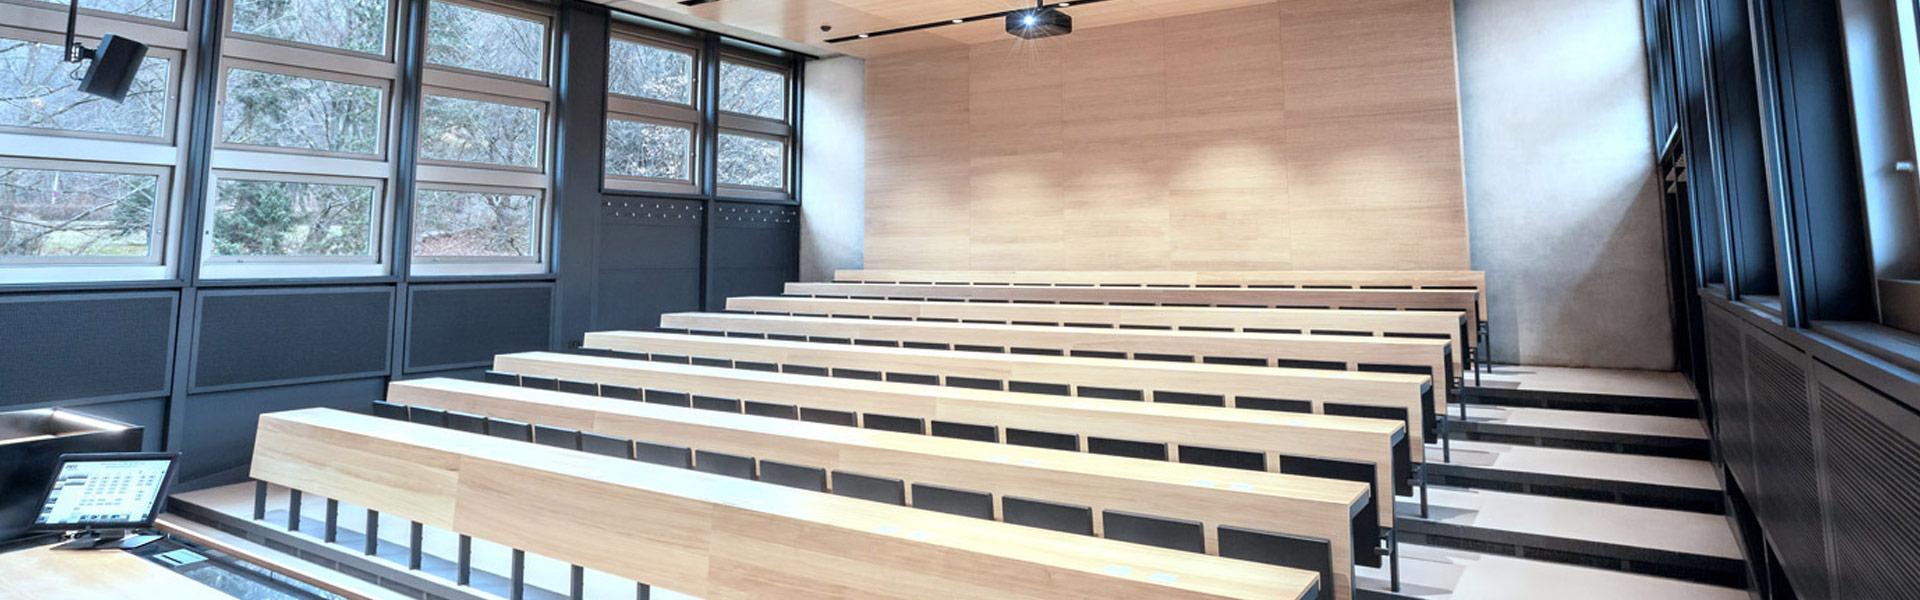 Bildungsraum mit Overheadprojektor, Beschallungsanlagen und Touch-Display